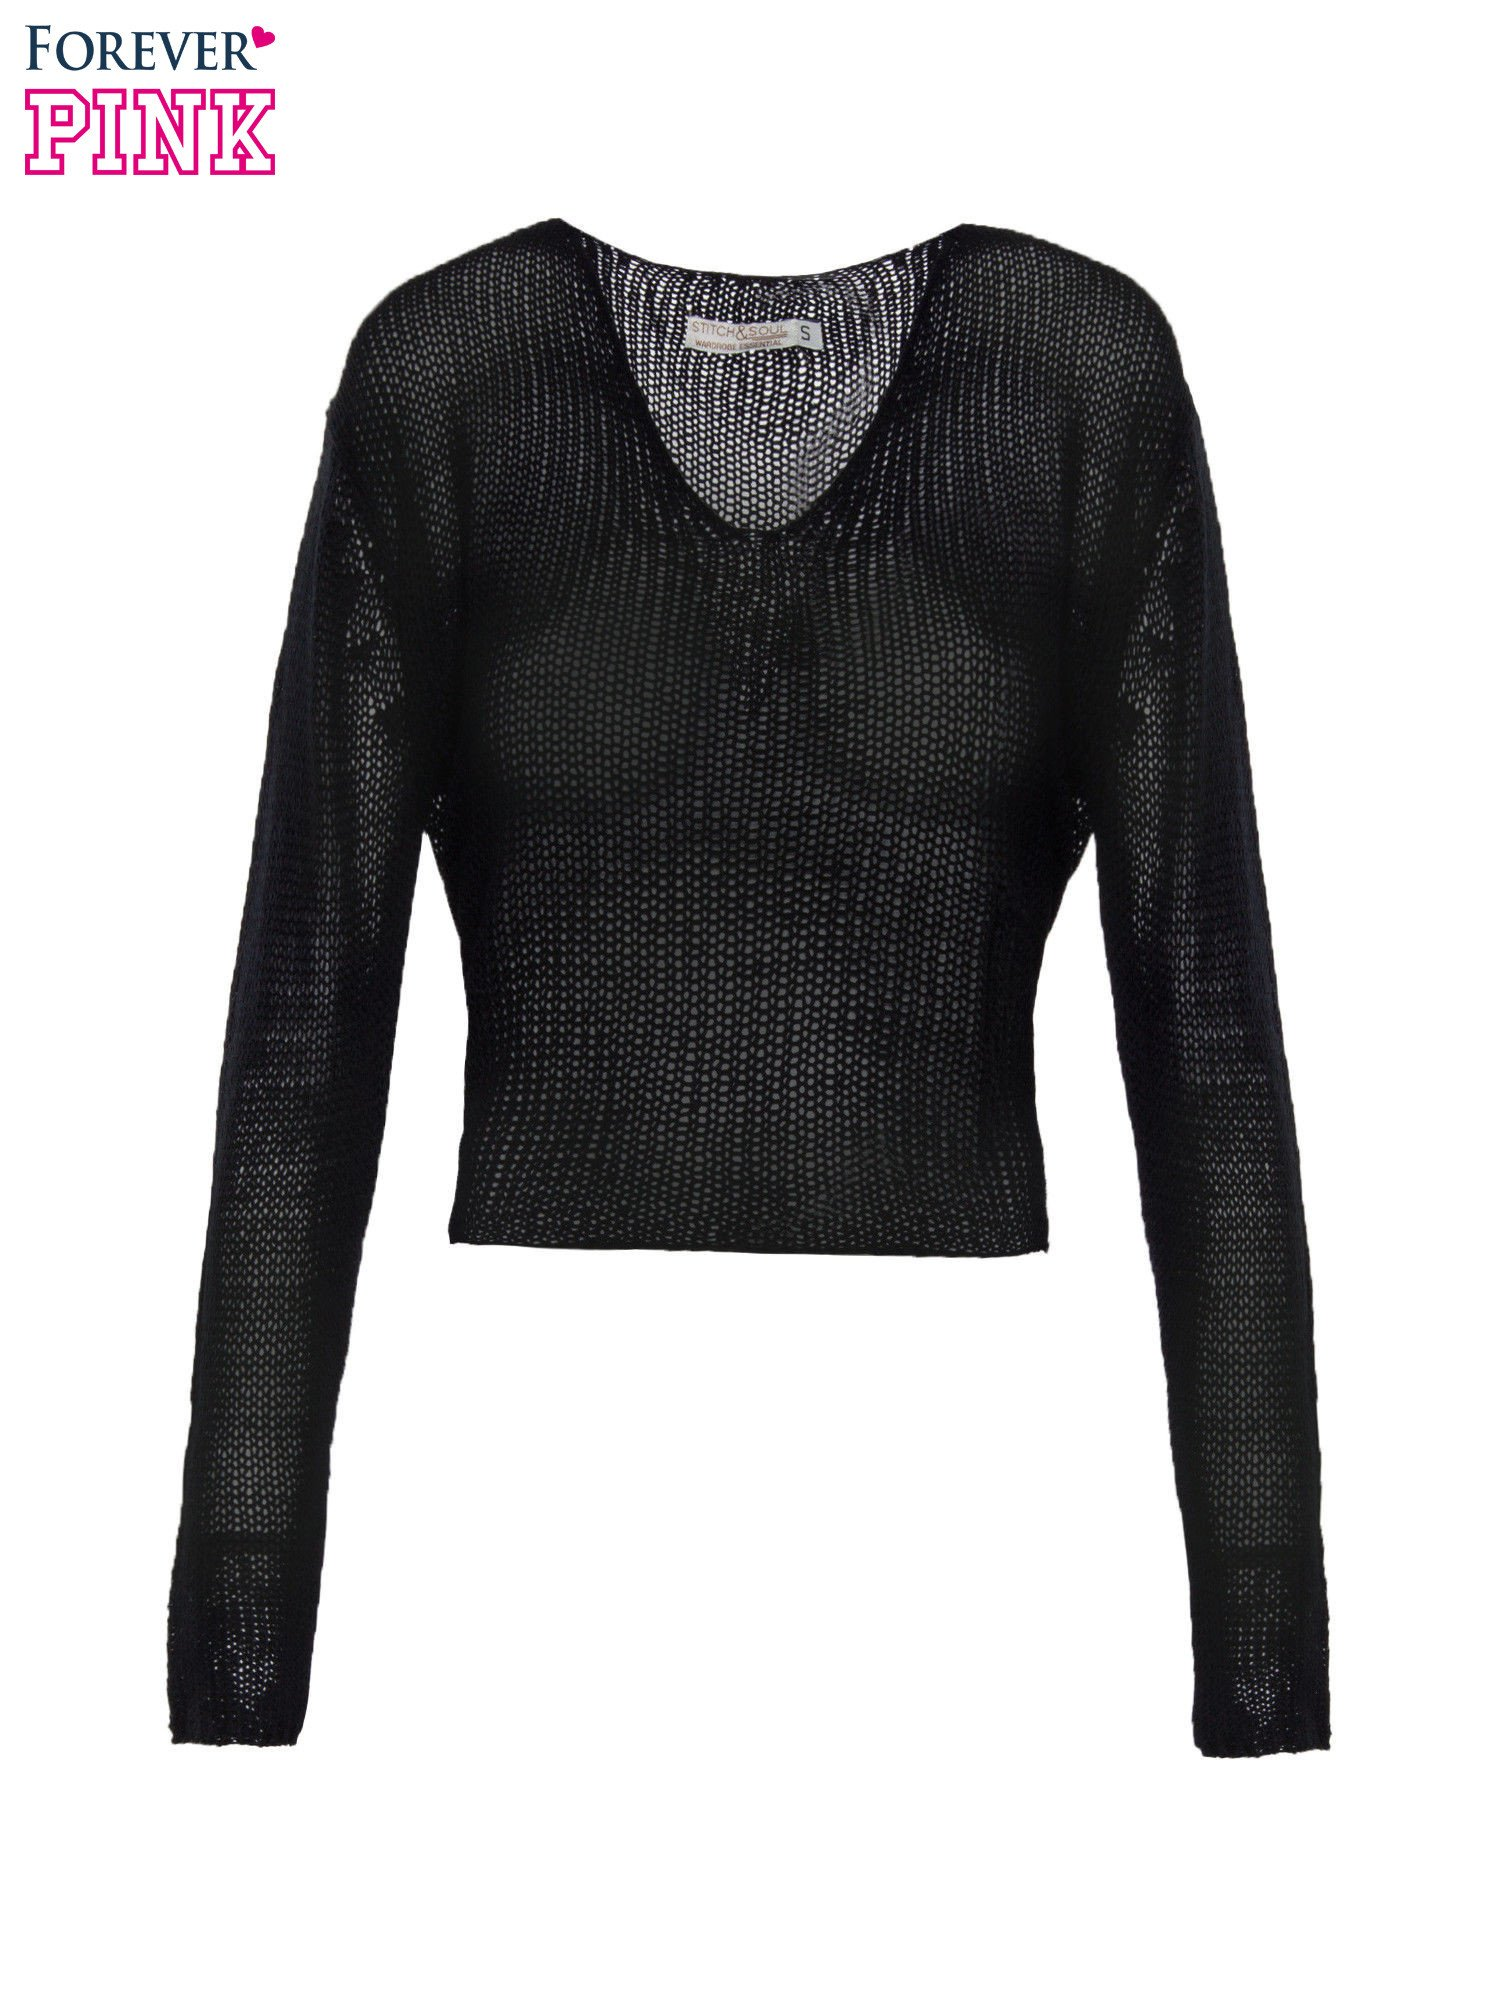 Czarny siatkowy sweter typu crop top                                  zdj.                                  2